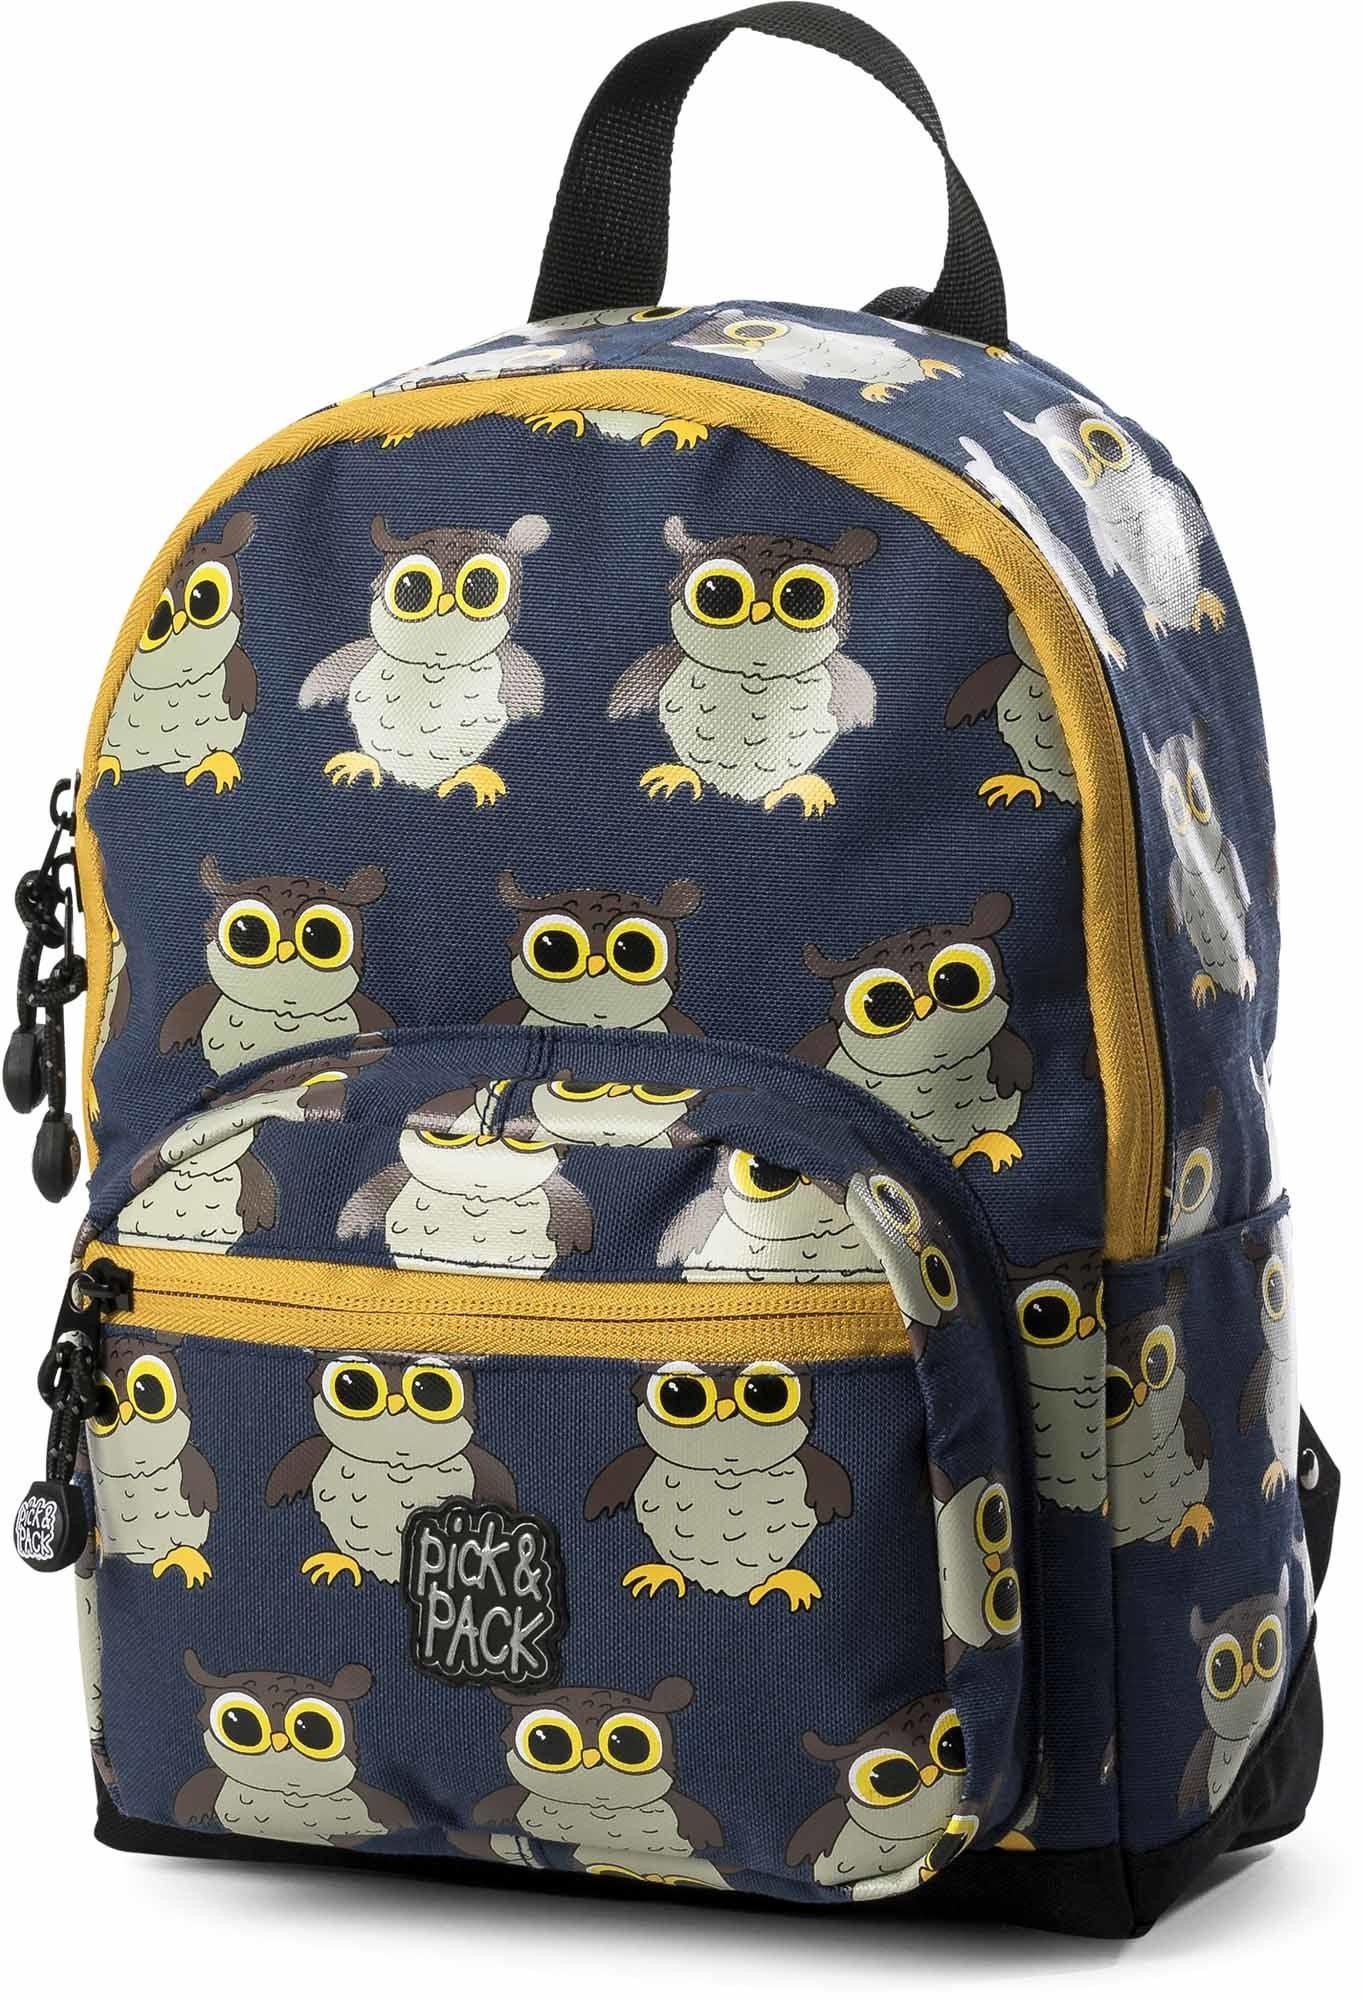 Pick & Pack Ryggsäck Uggla, Blue